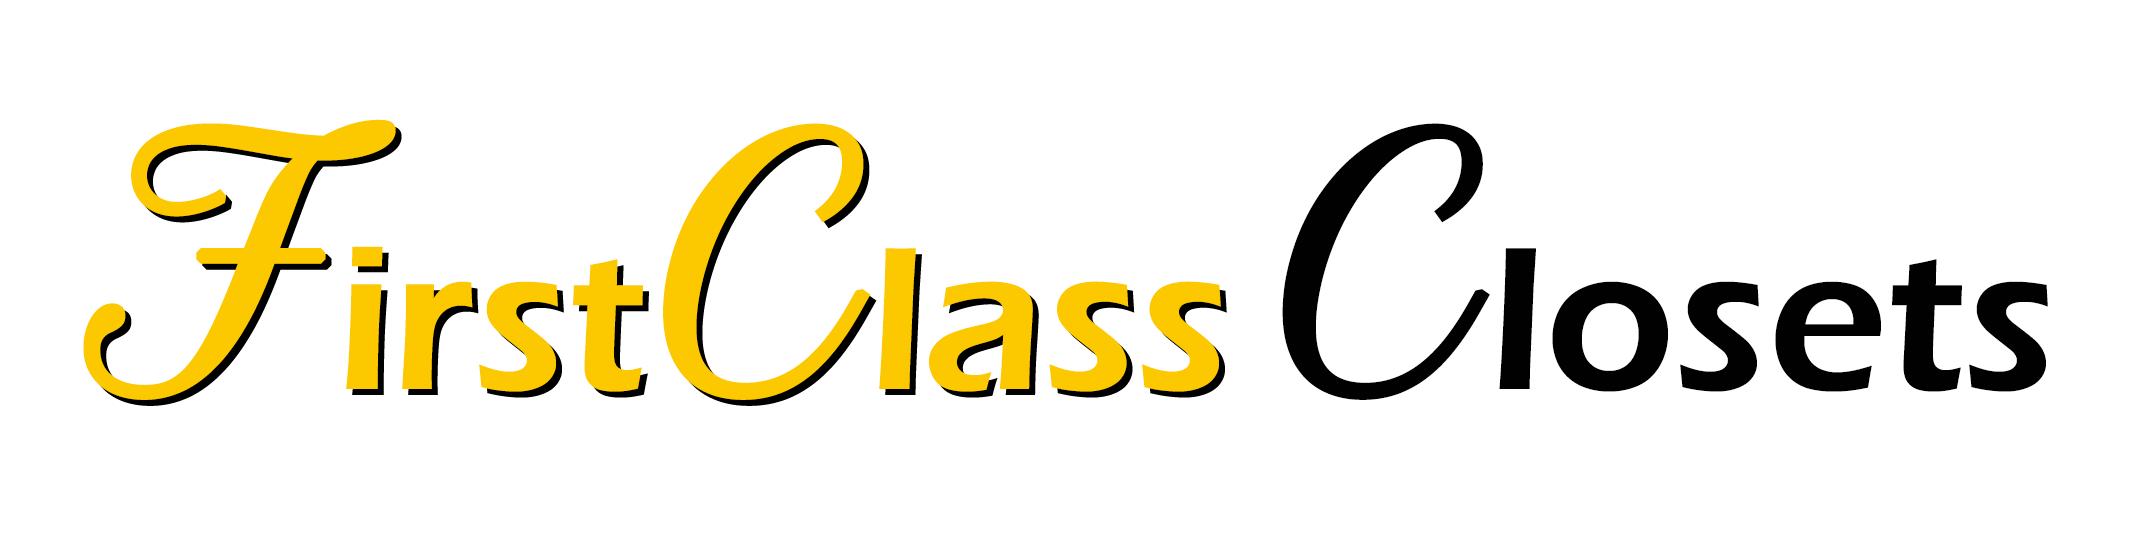 First Class Closets